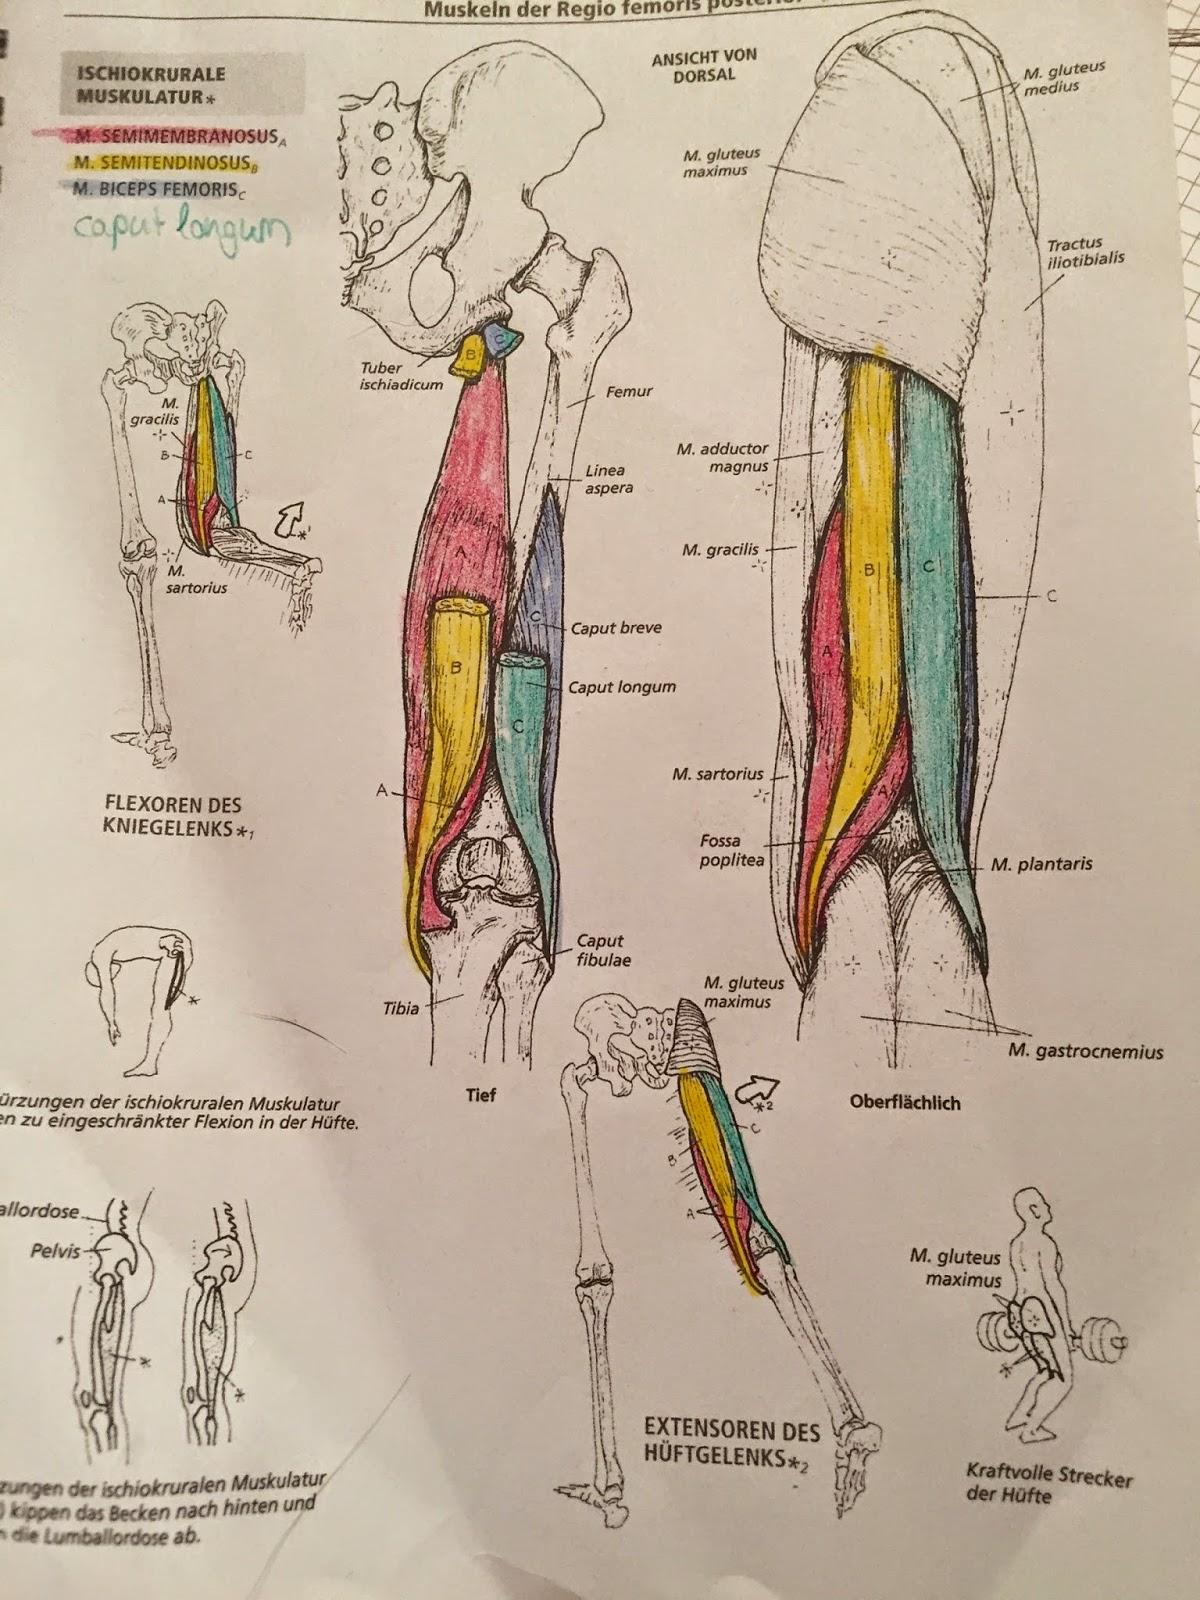 Groß Anatomie Der Muskulatur Arbeitsblatt Galerie - Menschliche ...